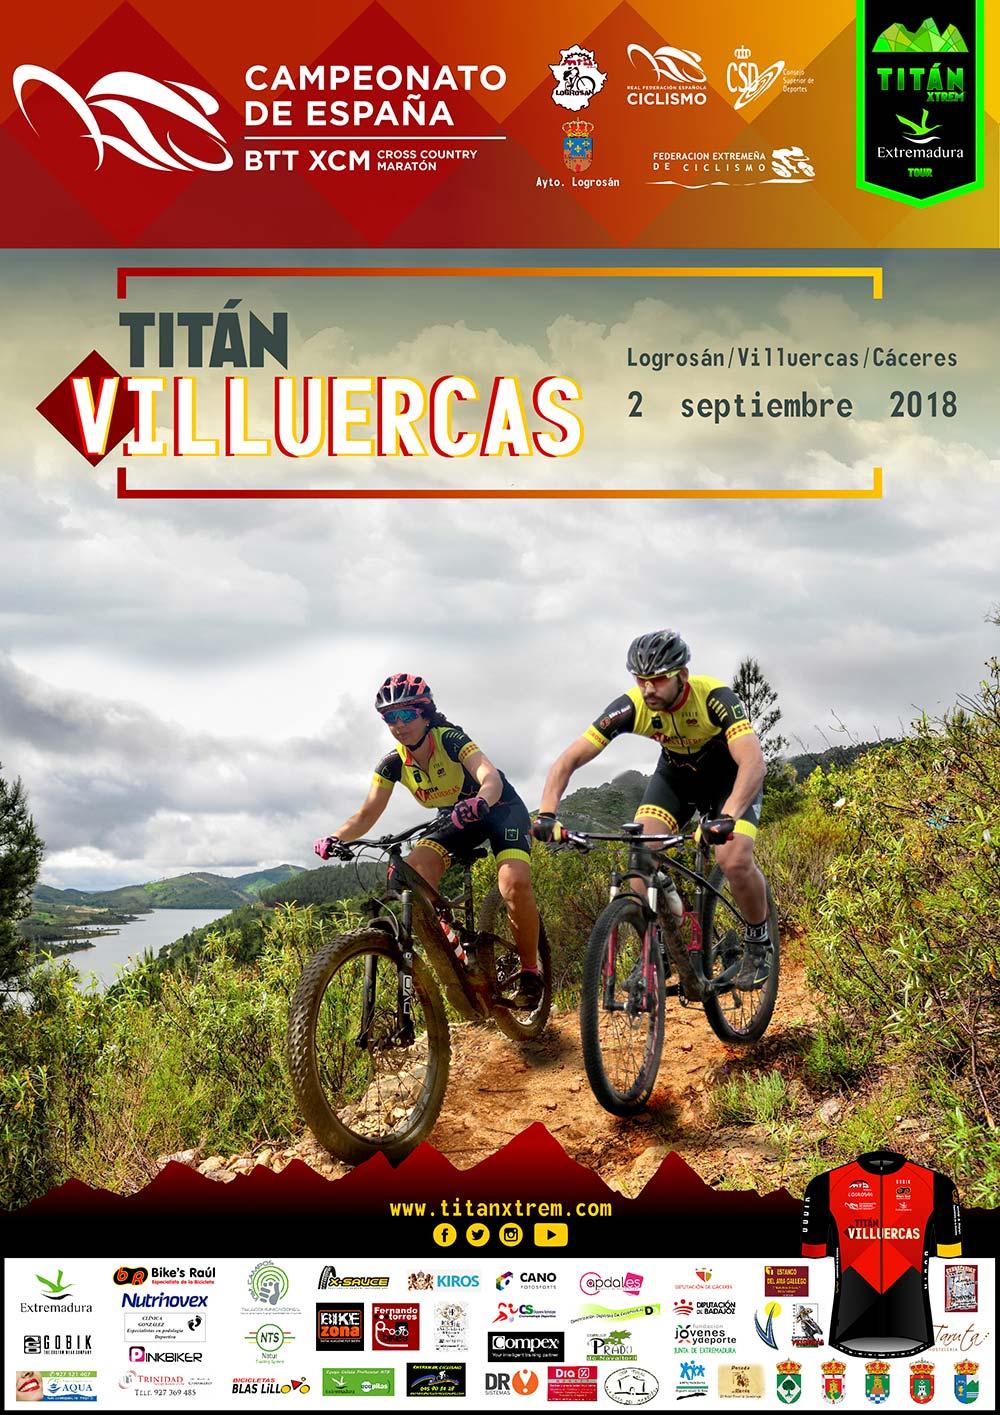 En TodoMountainBike: Todo a punto para el Campeonato de España XCM 2018 de Logrosán